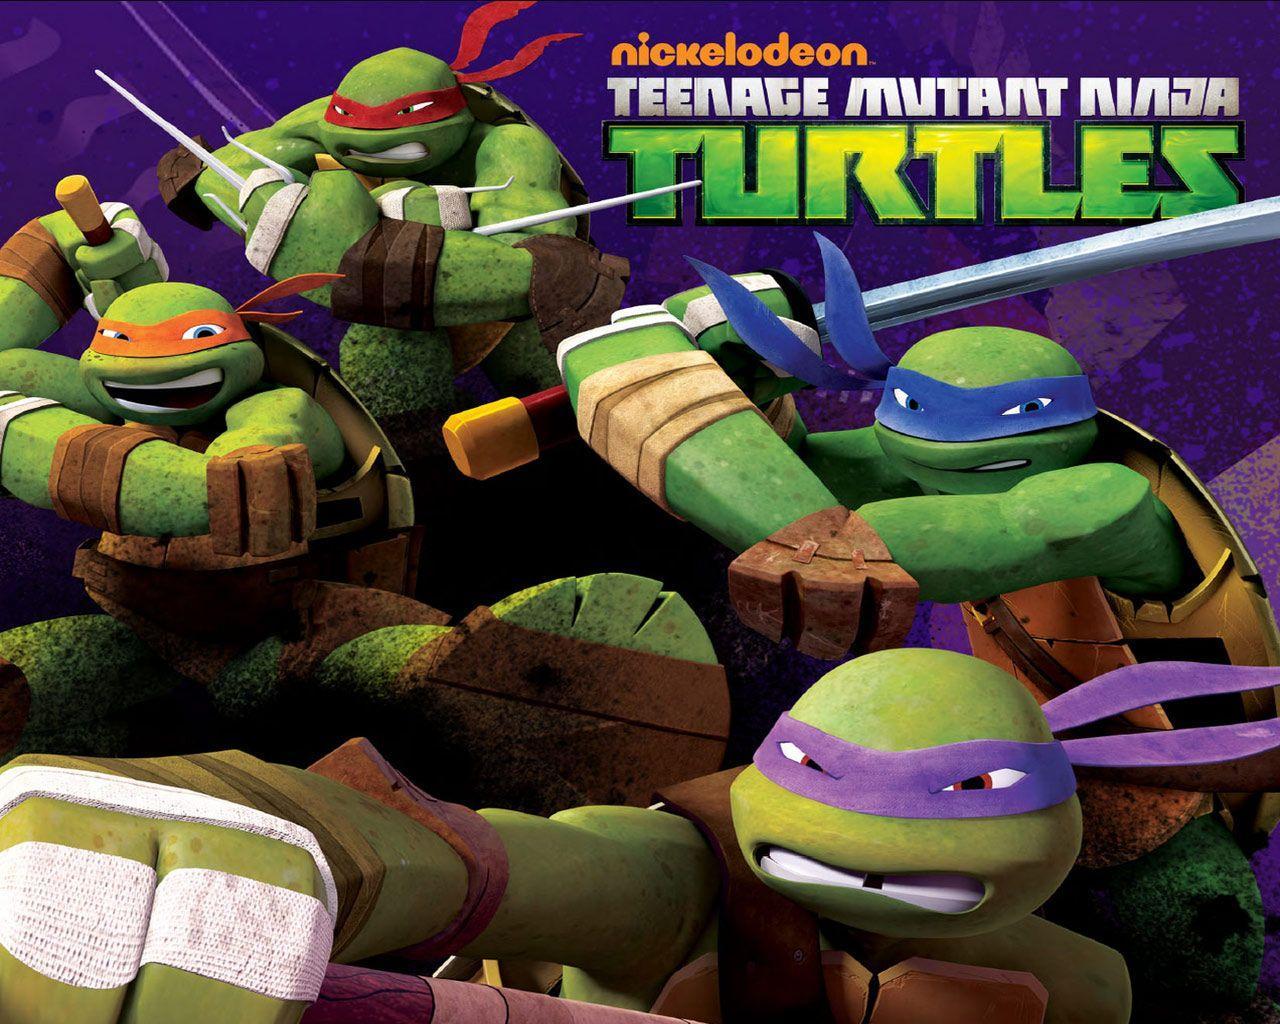 Nickelodeon Ninja Turtles Wallpapers Top Free Nickelodeon Ninja